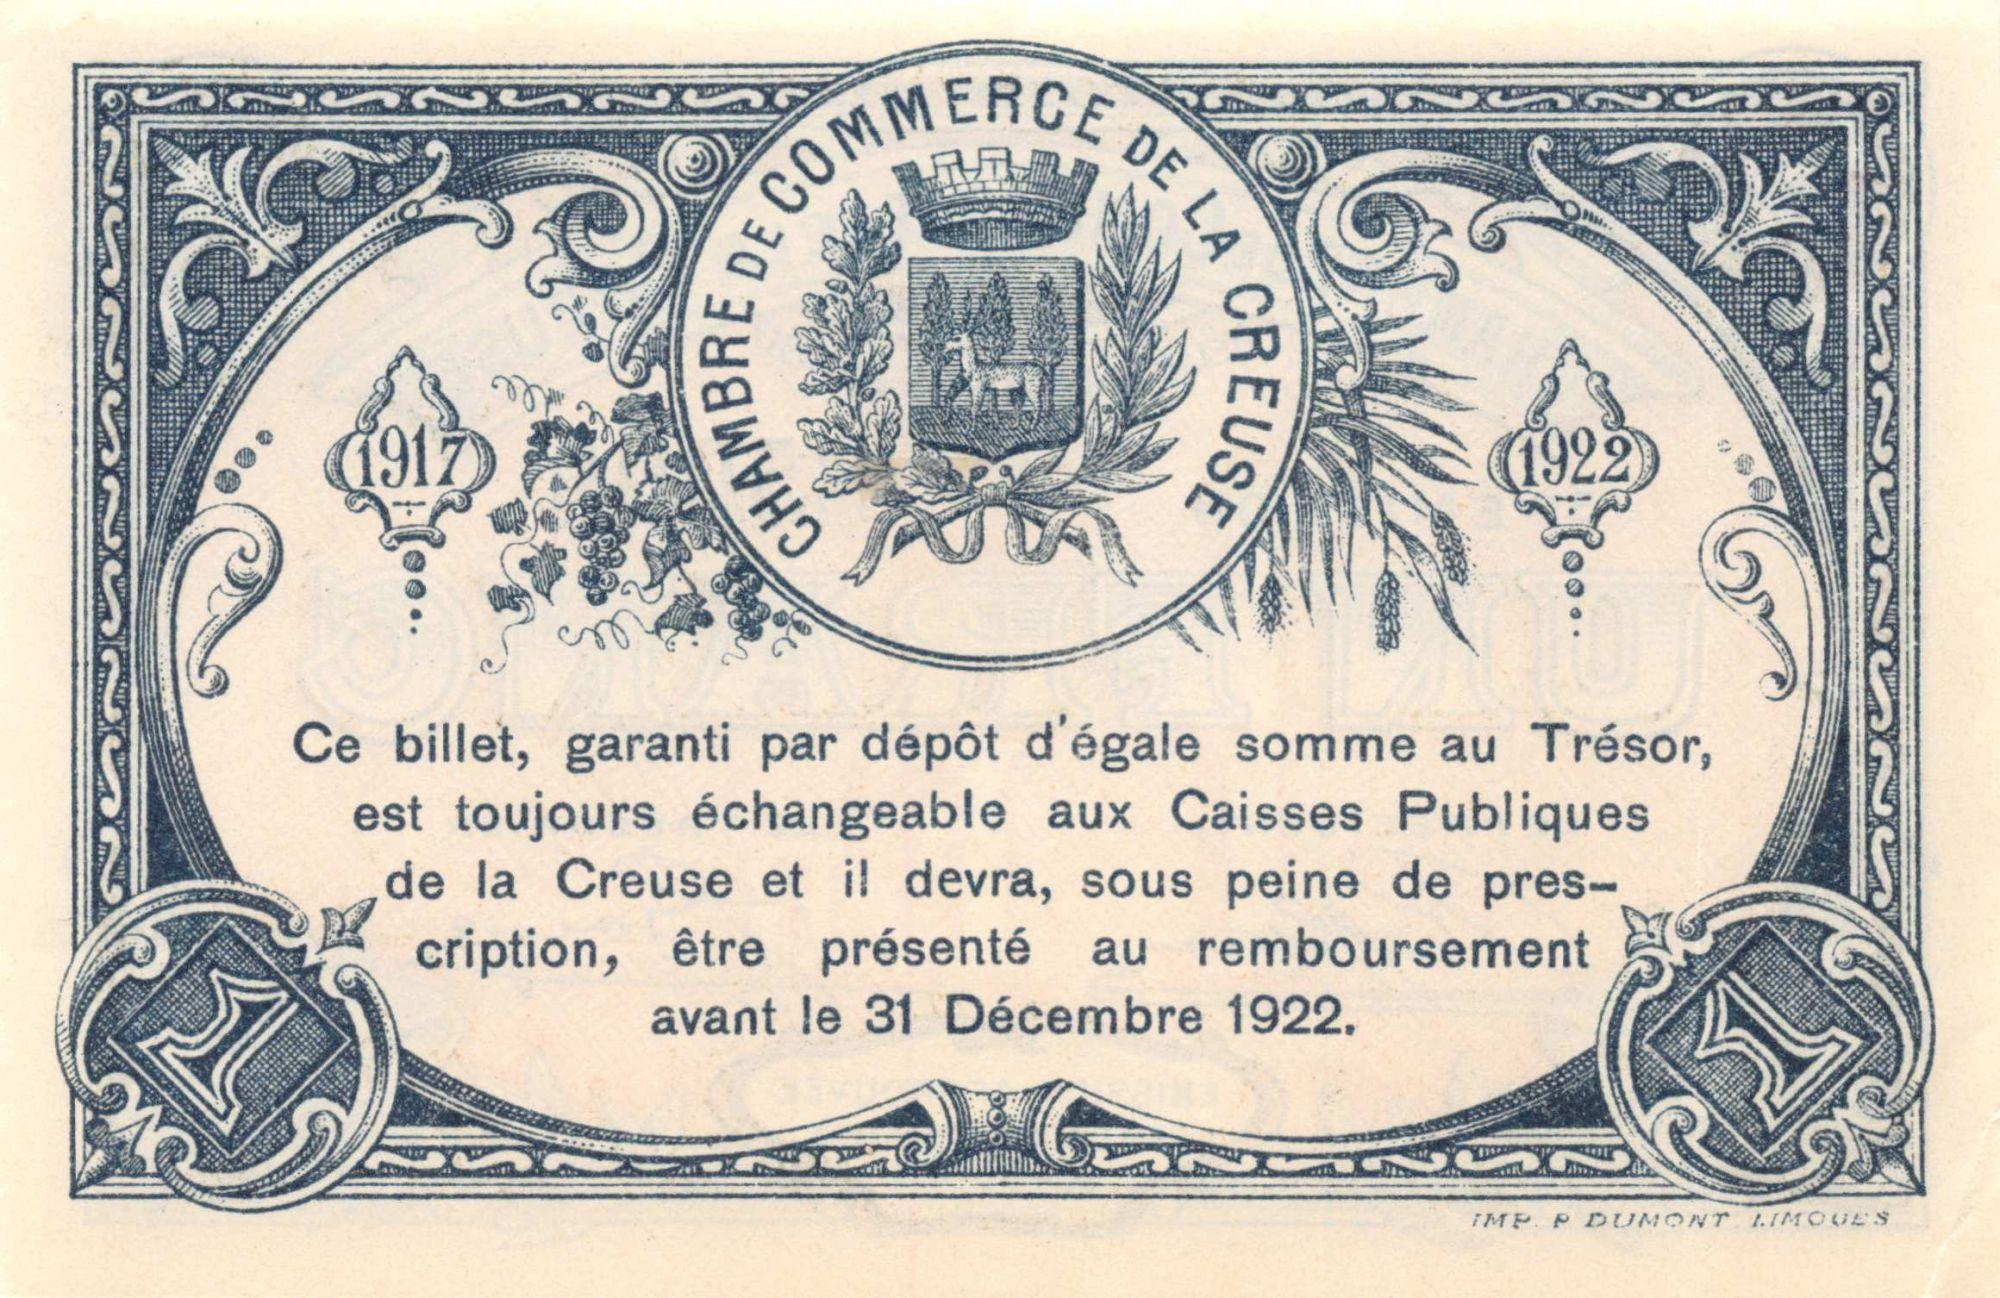 France 1 Franc - Chambre de Commerce de la Creuse 1917 - SUP